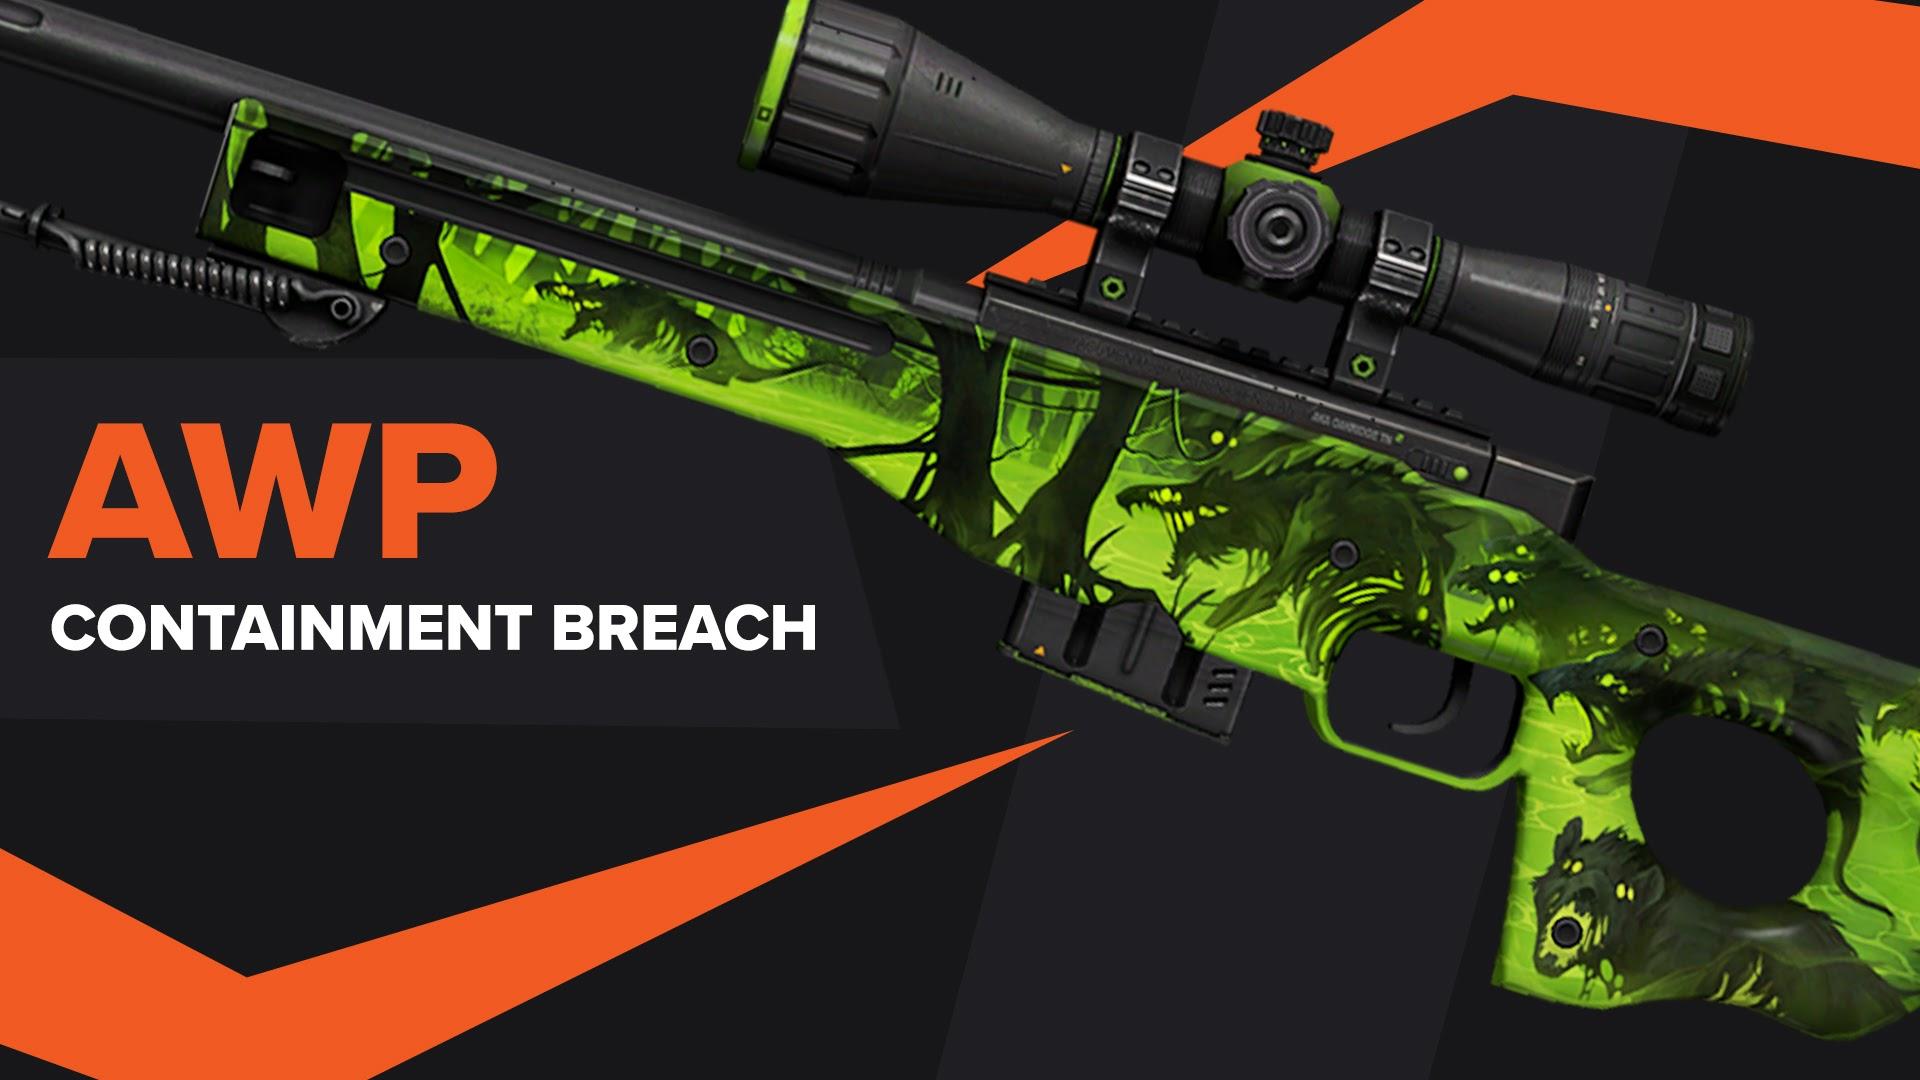 AWP Containment Breach CSGO Skin